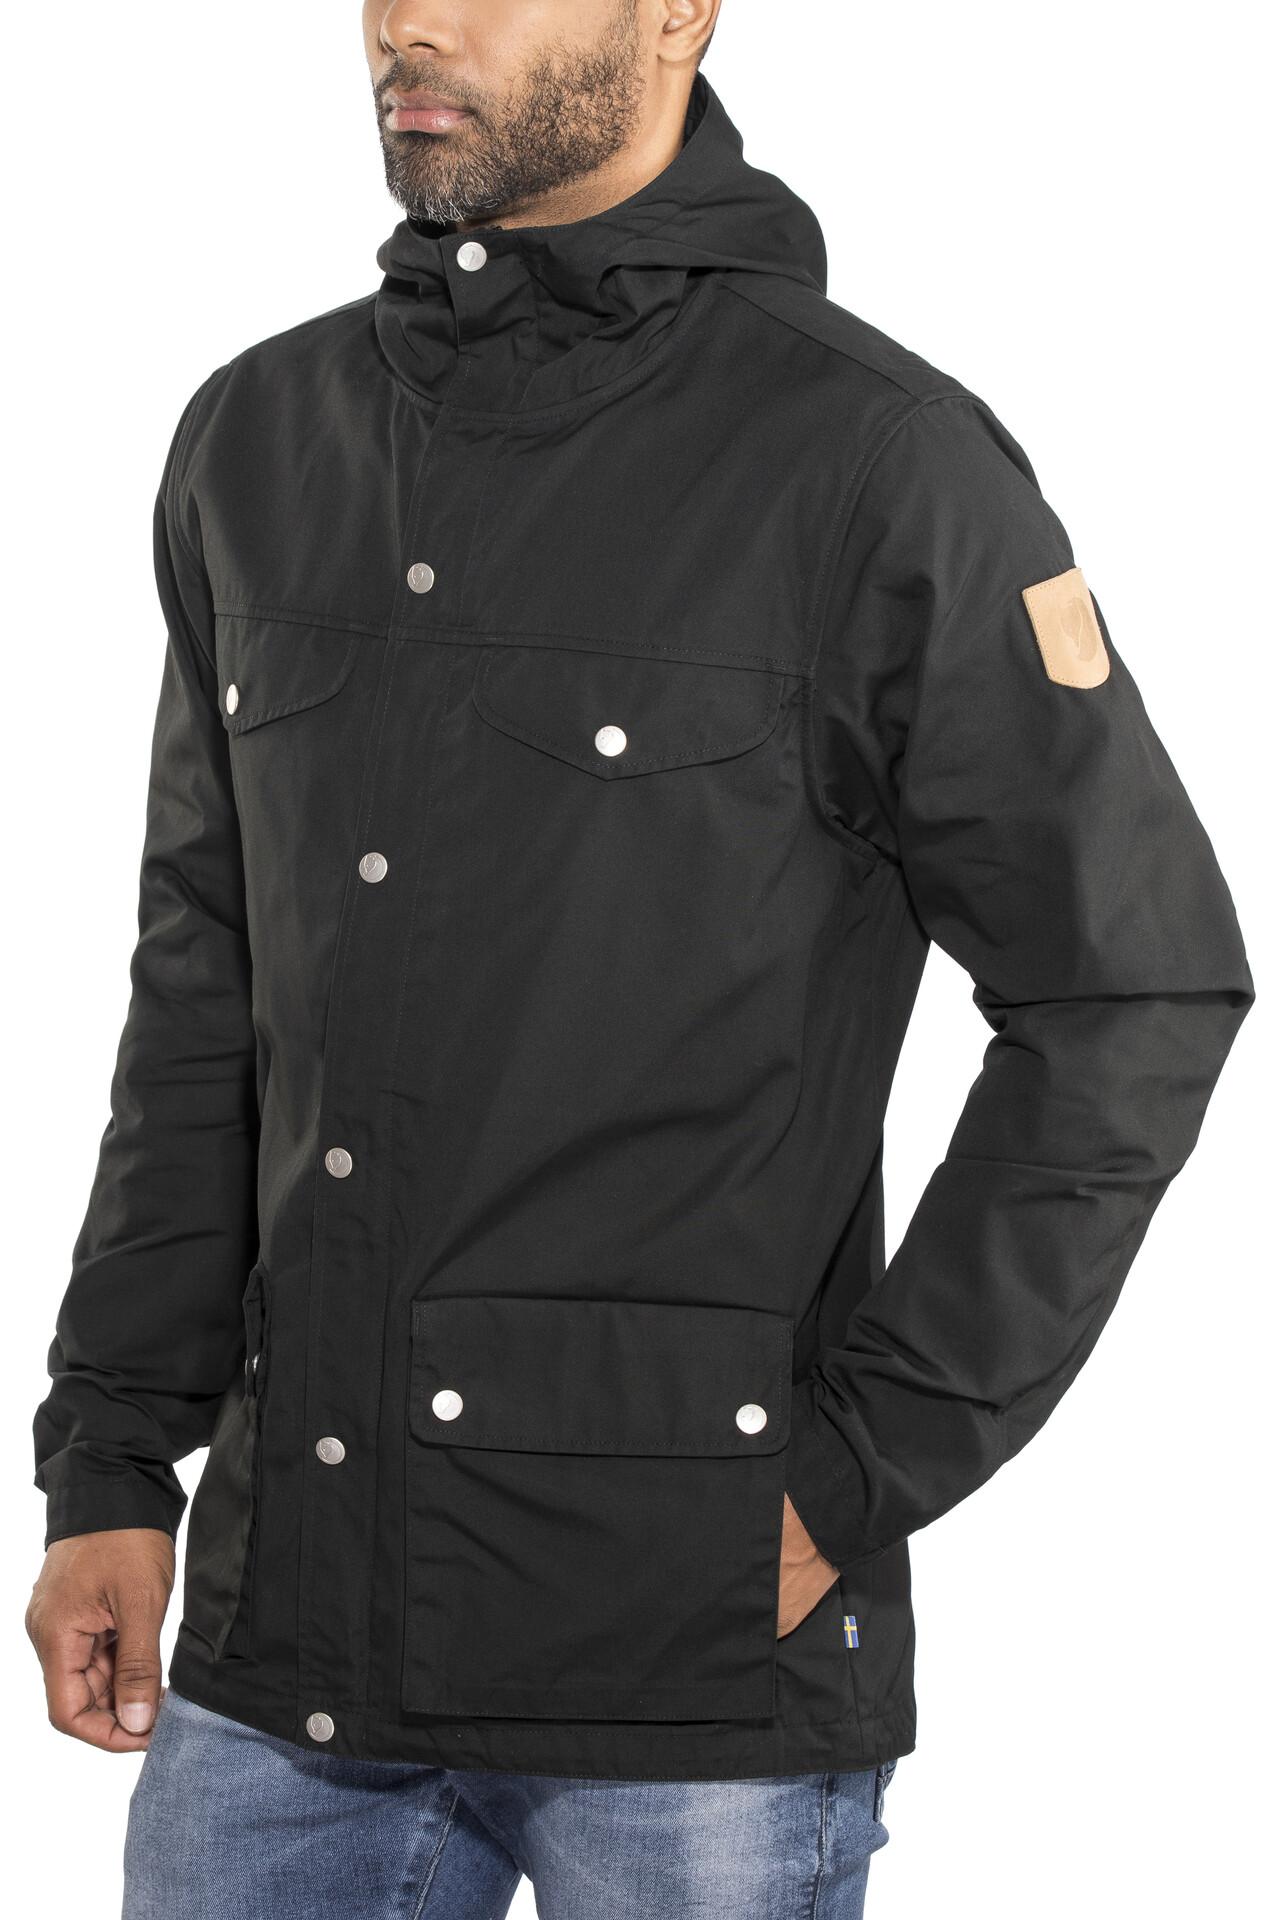 FJALLRAVEN Greenland Jacket M Veste Homme